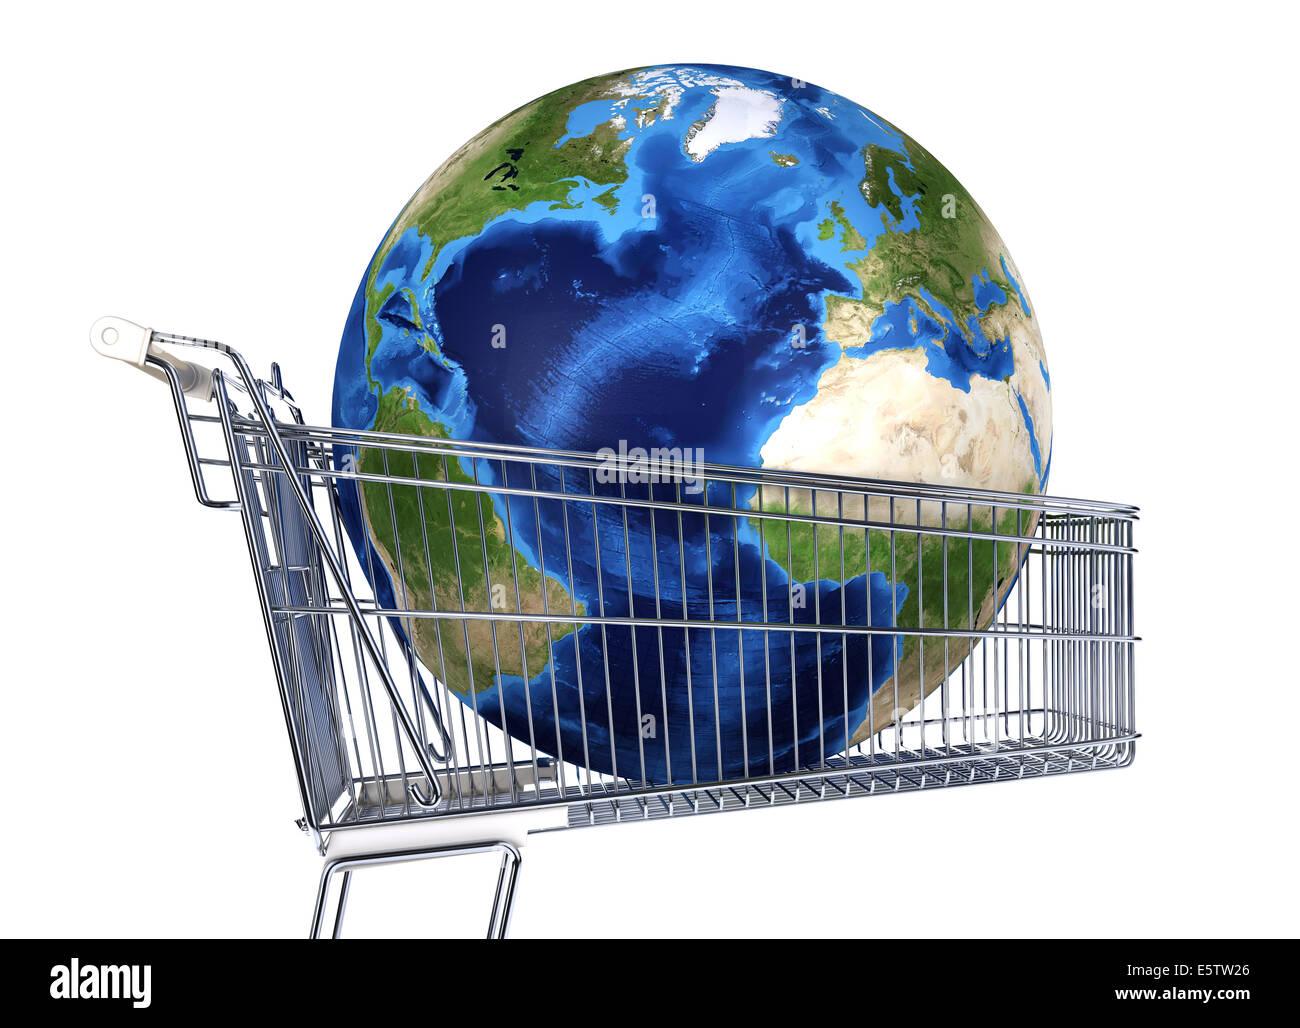 La planète Terre en chariot de supermarché. Vue de l'Atlantique. Sur fond blanc. Chemin de détourage Photo Stock